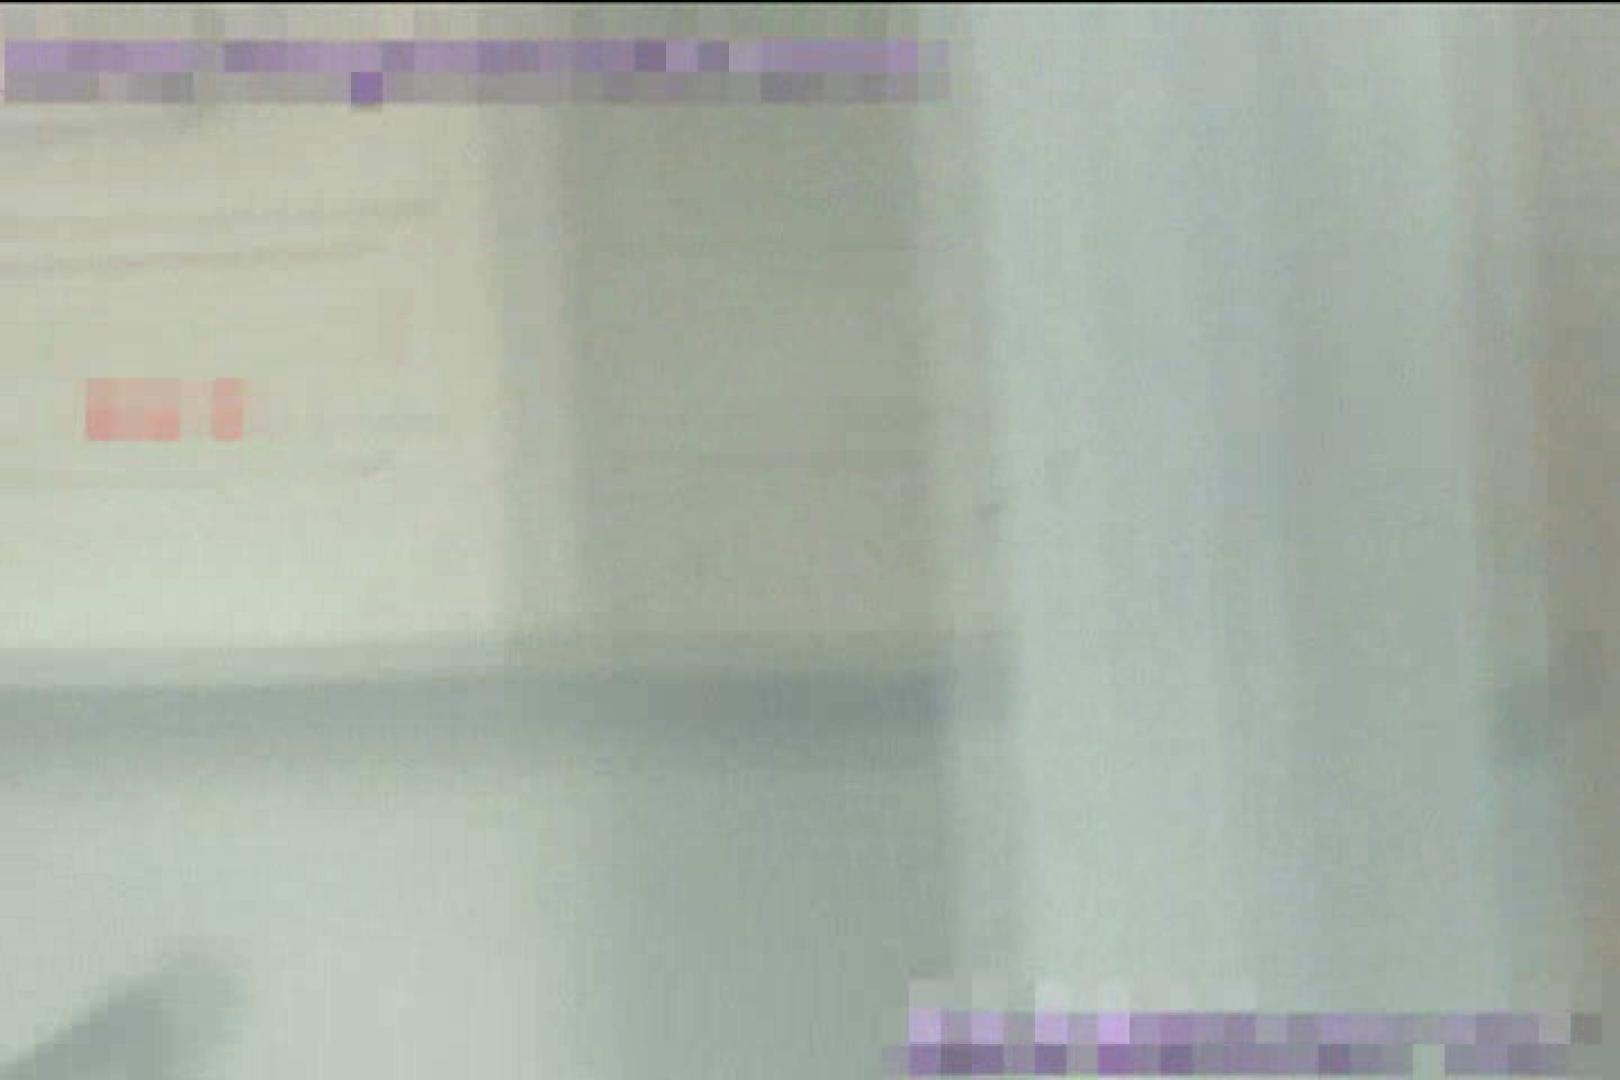 2点盗撮洗面所潜入レポートVol.1 おまんこ アダルト動画キャプチャ 73pic 55